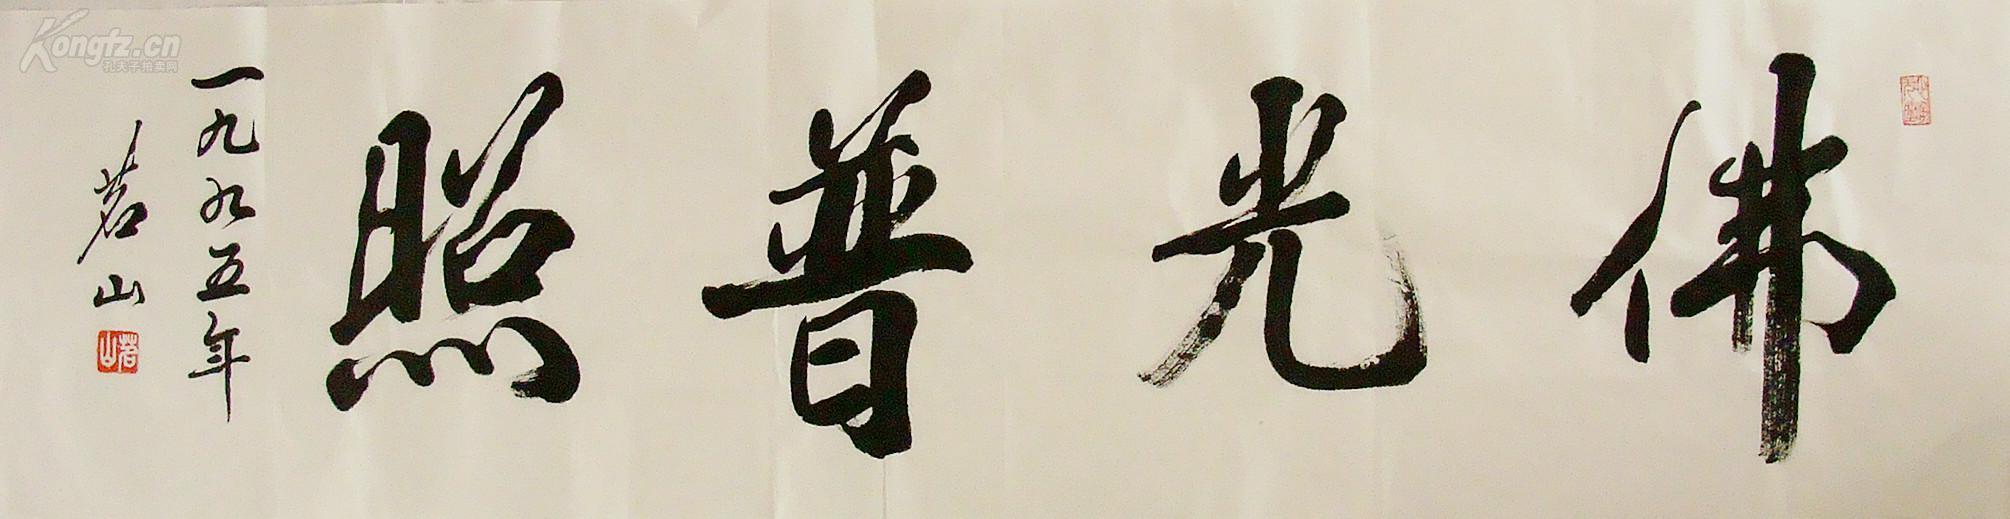 中国佛教协会常务理事 茗山法师 行书横幅 佛光普照 书法作品图片